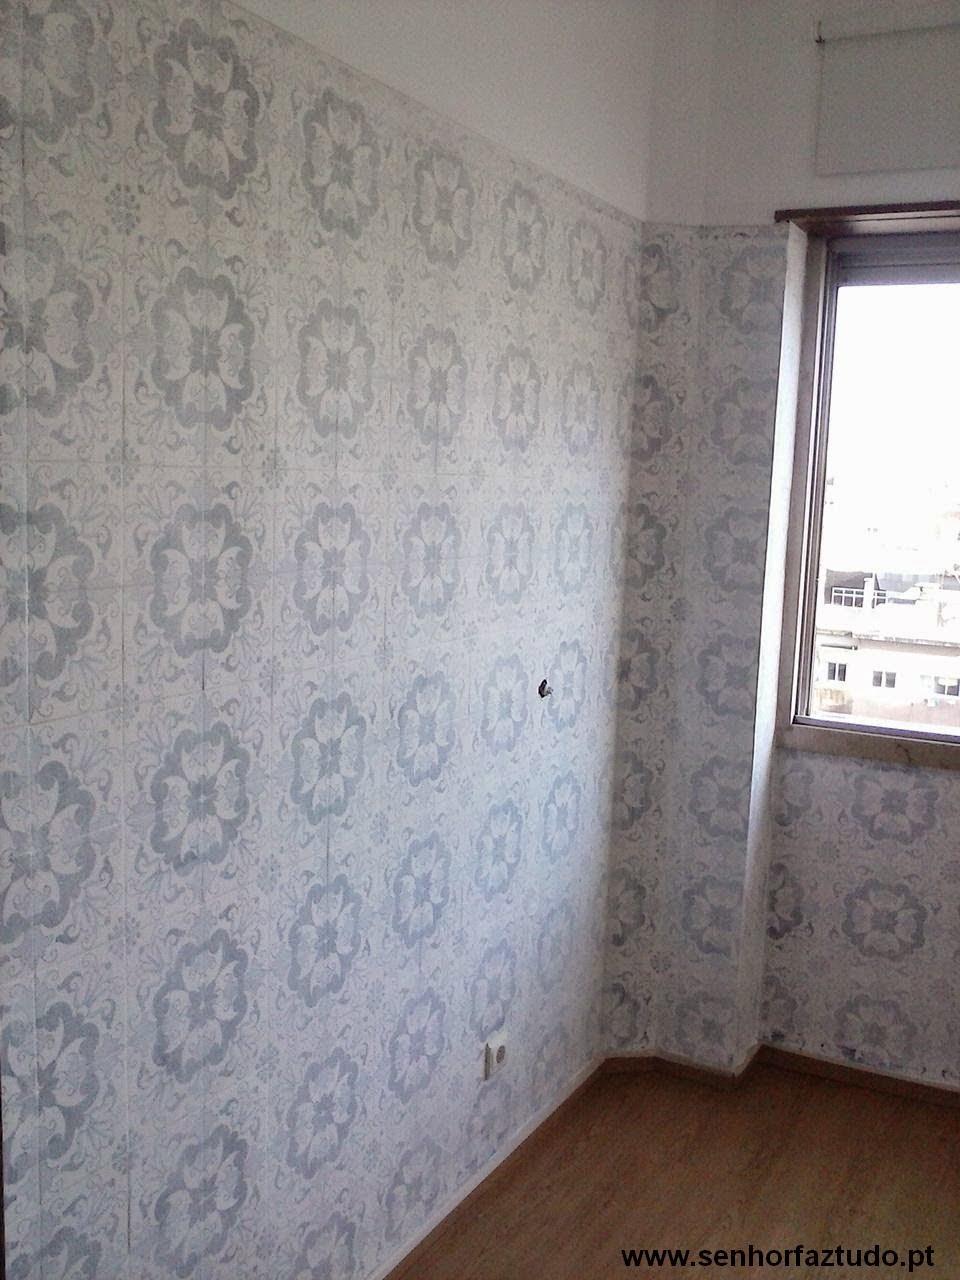 Senhor faz tudo faz tudo pelo seu lar coloca o de - Pintura para azulejo ...